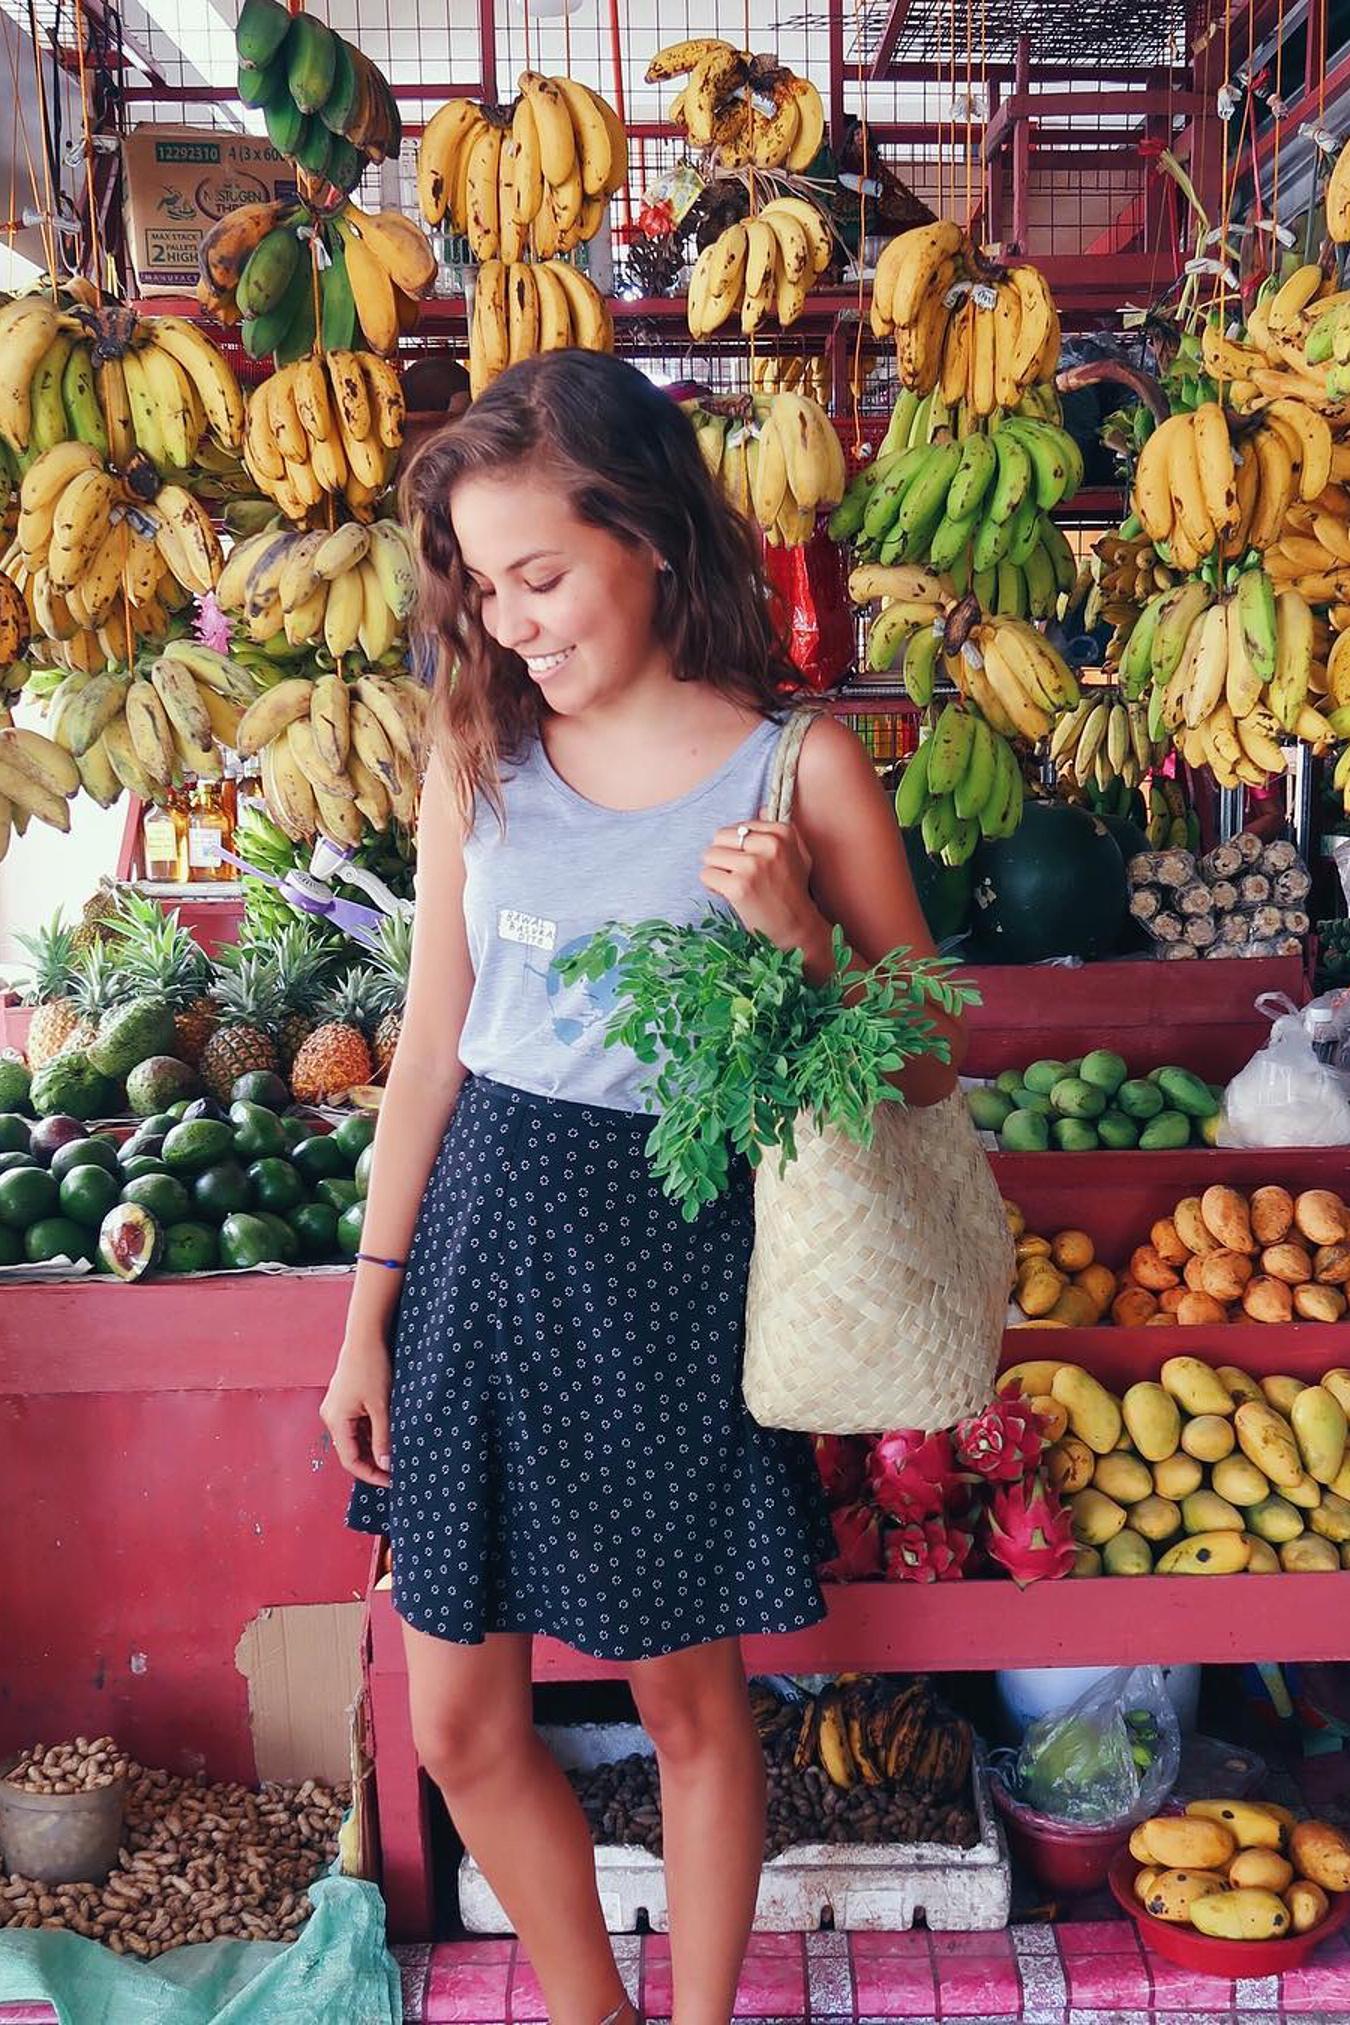 Manuela-small.jpg